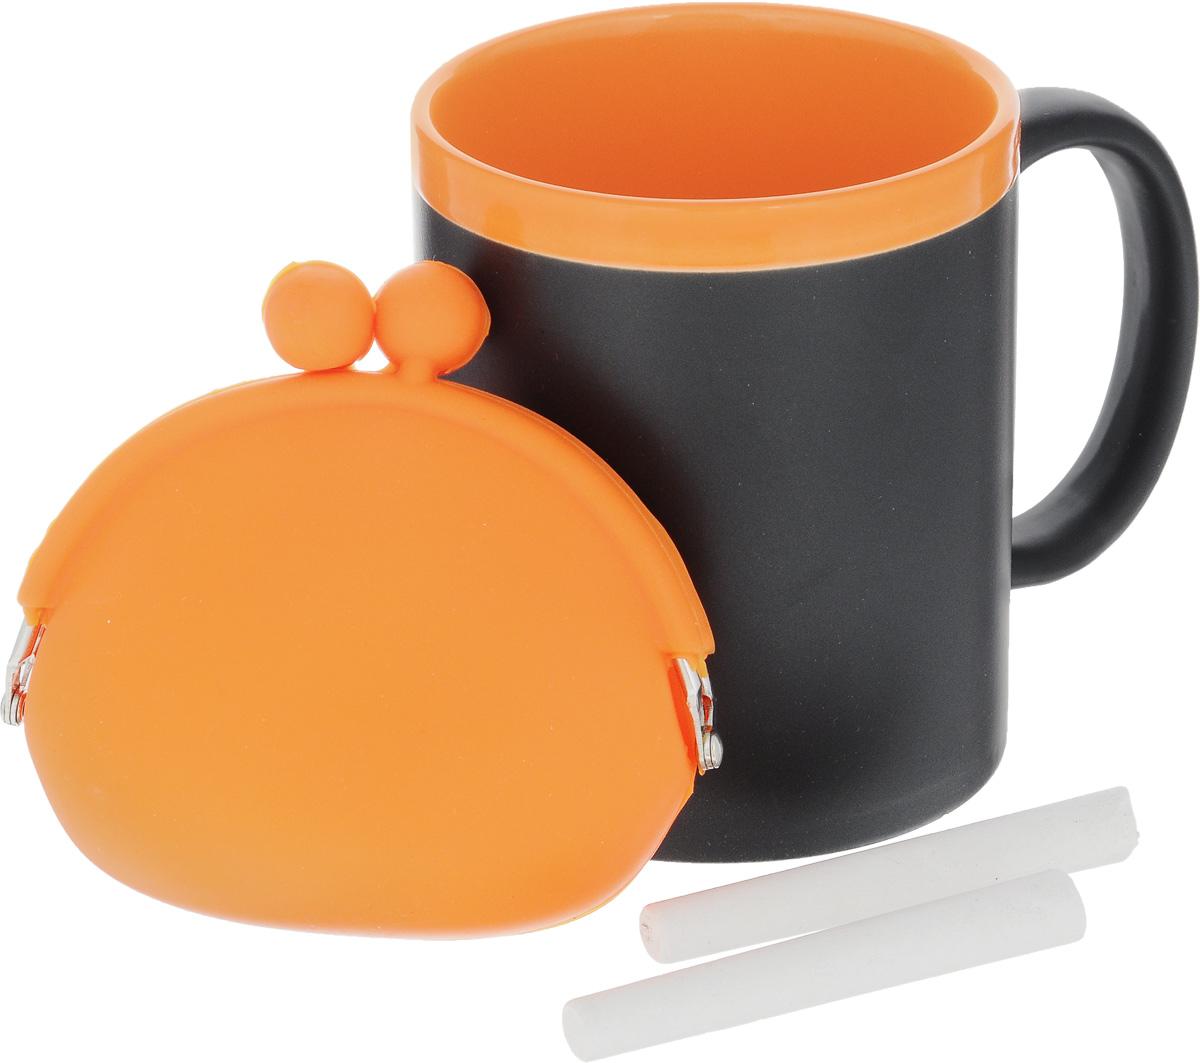 Набор подарочный Феникс-Презент Magic Home: кружка, мелки, кошелек, цвет: черный, оранжевый41174Подарочный набор Феникс-Презент Magic Home включает в себя кружку с поверхностью, на которой можно писать, силиконовый кошелек и 2 мелка. Все элементы внимательно совмещены и удачно подходят друг к другу. Все изделия выполнены из высококачественных материалов.Такой набор будет отличной находкой для себя или подарком для друга. Набор дополнит ваш образ и покажет вас в хорошем свете на презентации и в магазине.Объем кружки: 300 мл.Диаметр кружки: 8 см.Высота кружки: 9,7 см.Размер кошелька (без учета застежки): 10 х 8,5 см.Длина мелков: 7 см.